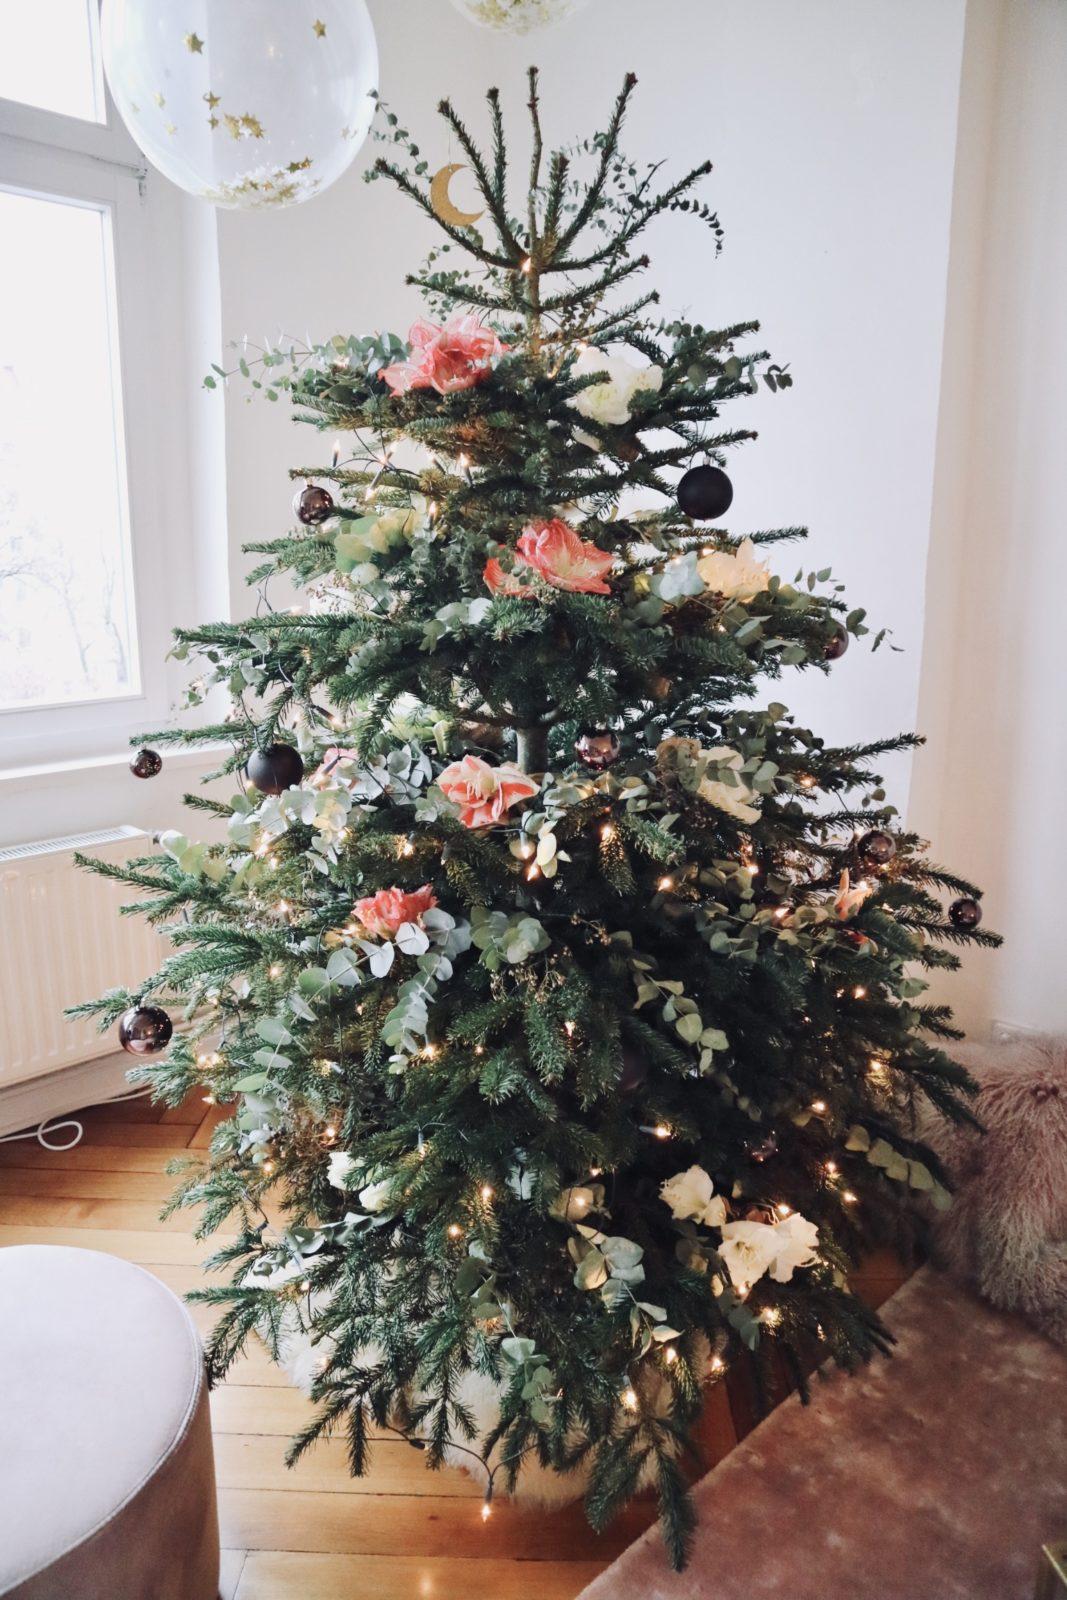 Warum Schmückt Man Den Weihnachtsbaum.Der Blumige Weihnachtsbaum So Dekoriert Jessie Ihre Wohnung Zu